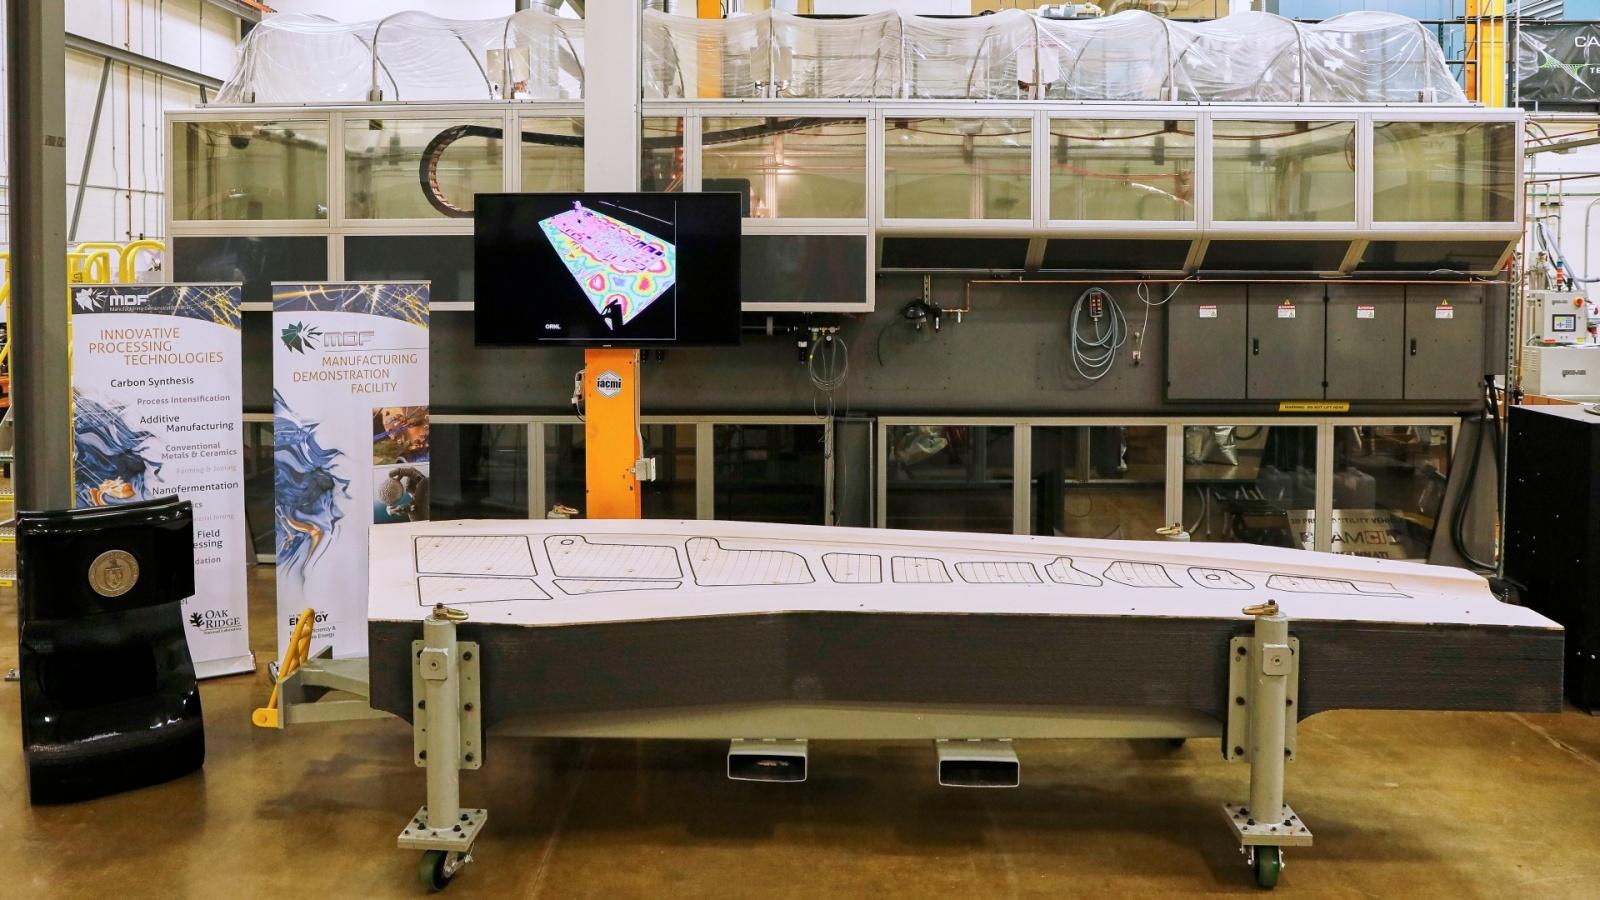 Новый рекорд 3D-печати: самый большой твёрдый предмет - 2